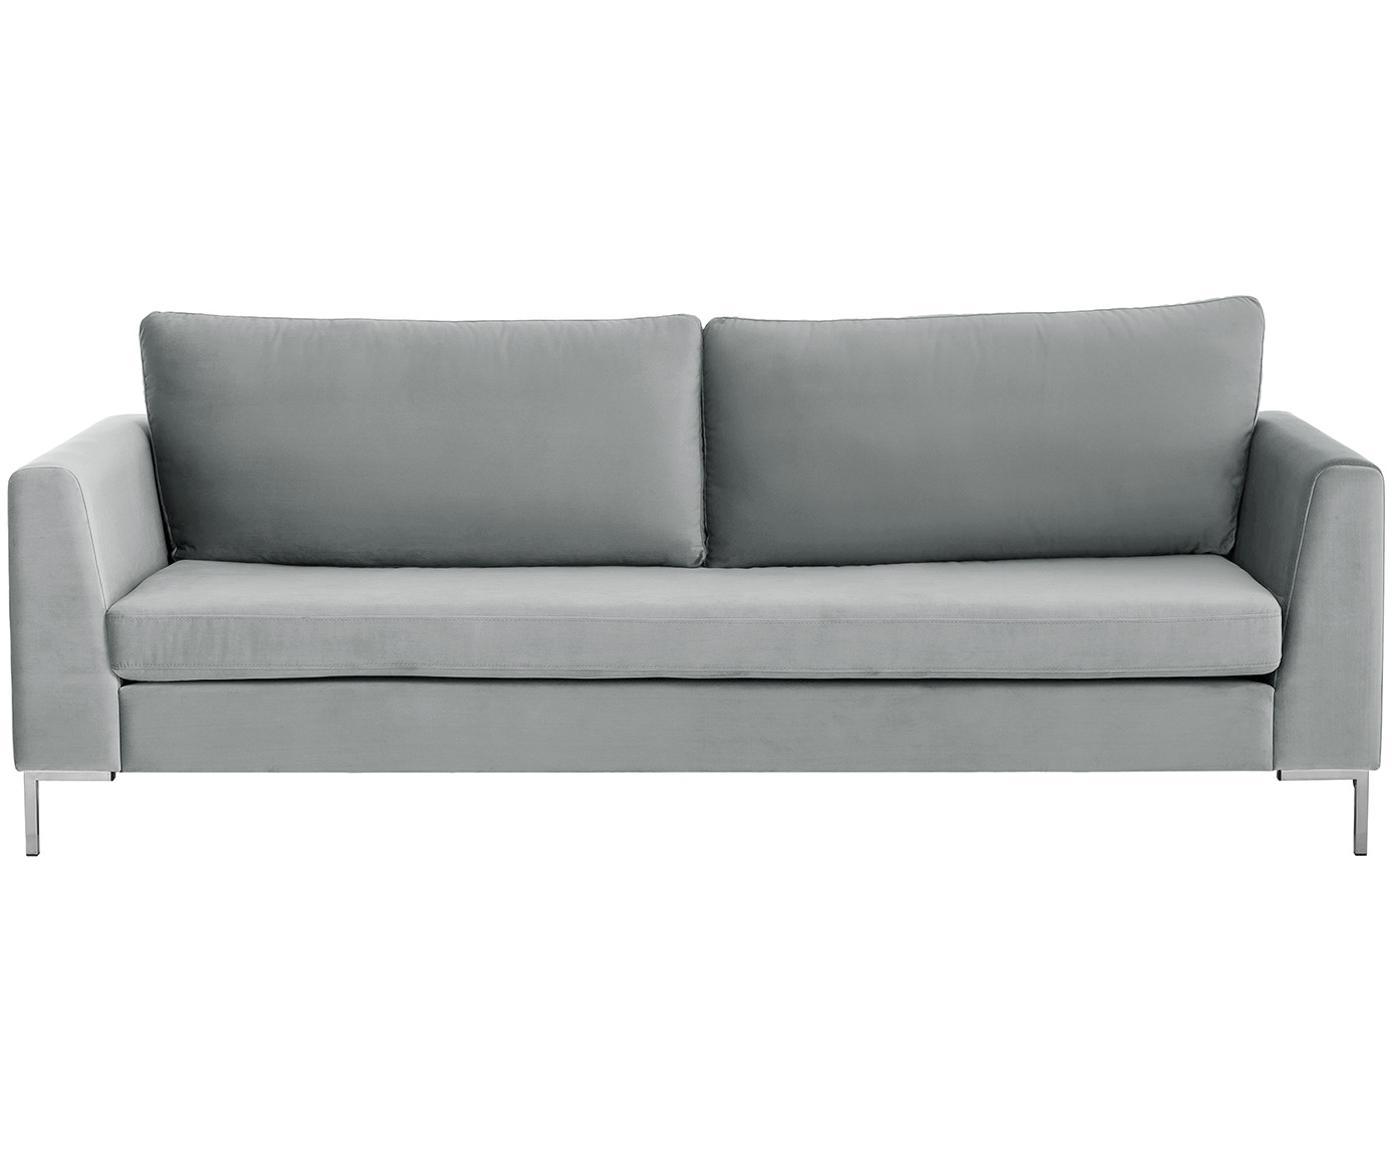 Fluwelen bank Luna (3-zits), Bekleding: fluweel (polyester), Frame: massief beukenhout, Poten: gegalvaniseerd metaal, Fluweel beigegrijs, zilverkleurig, B 230 x D 95 cm